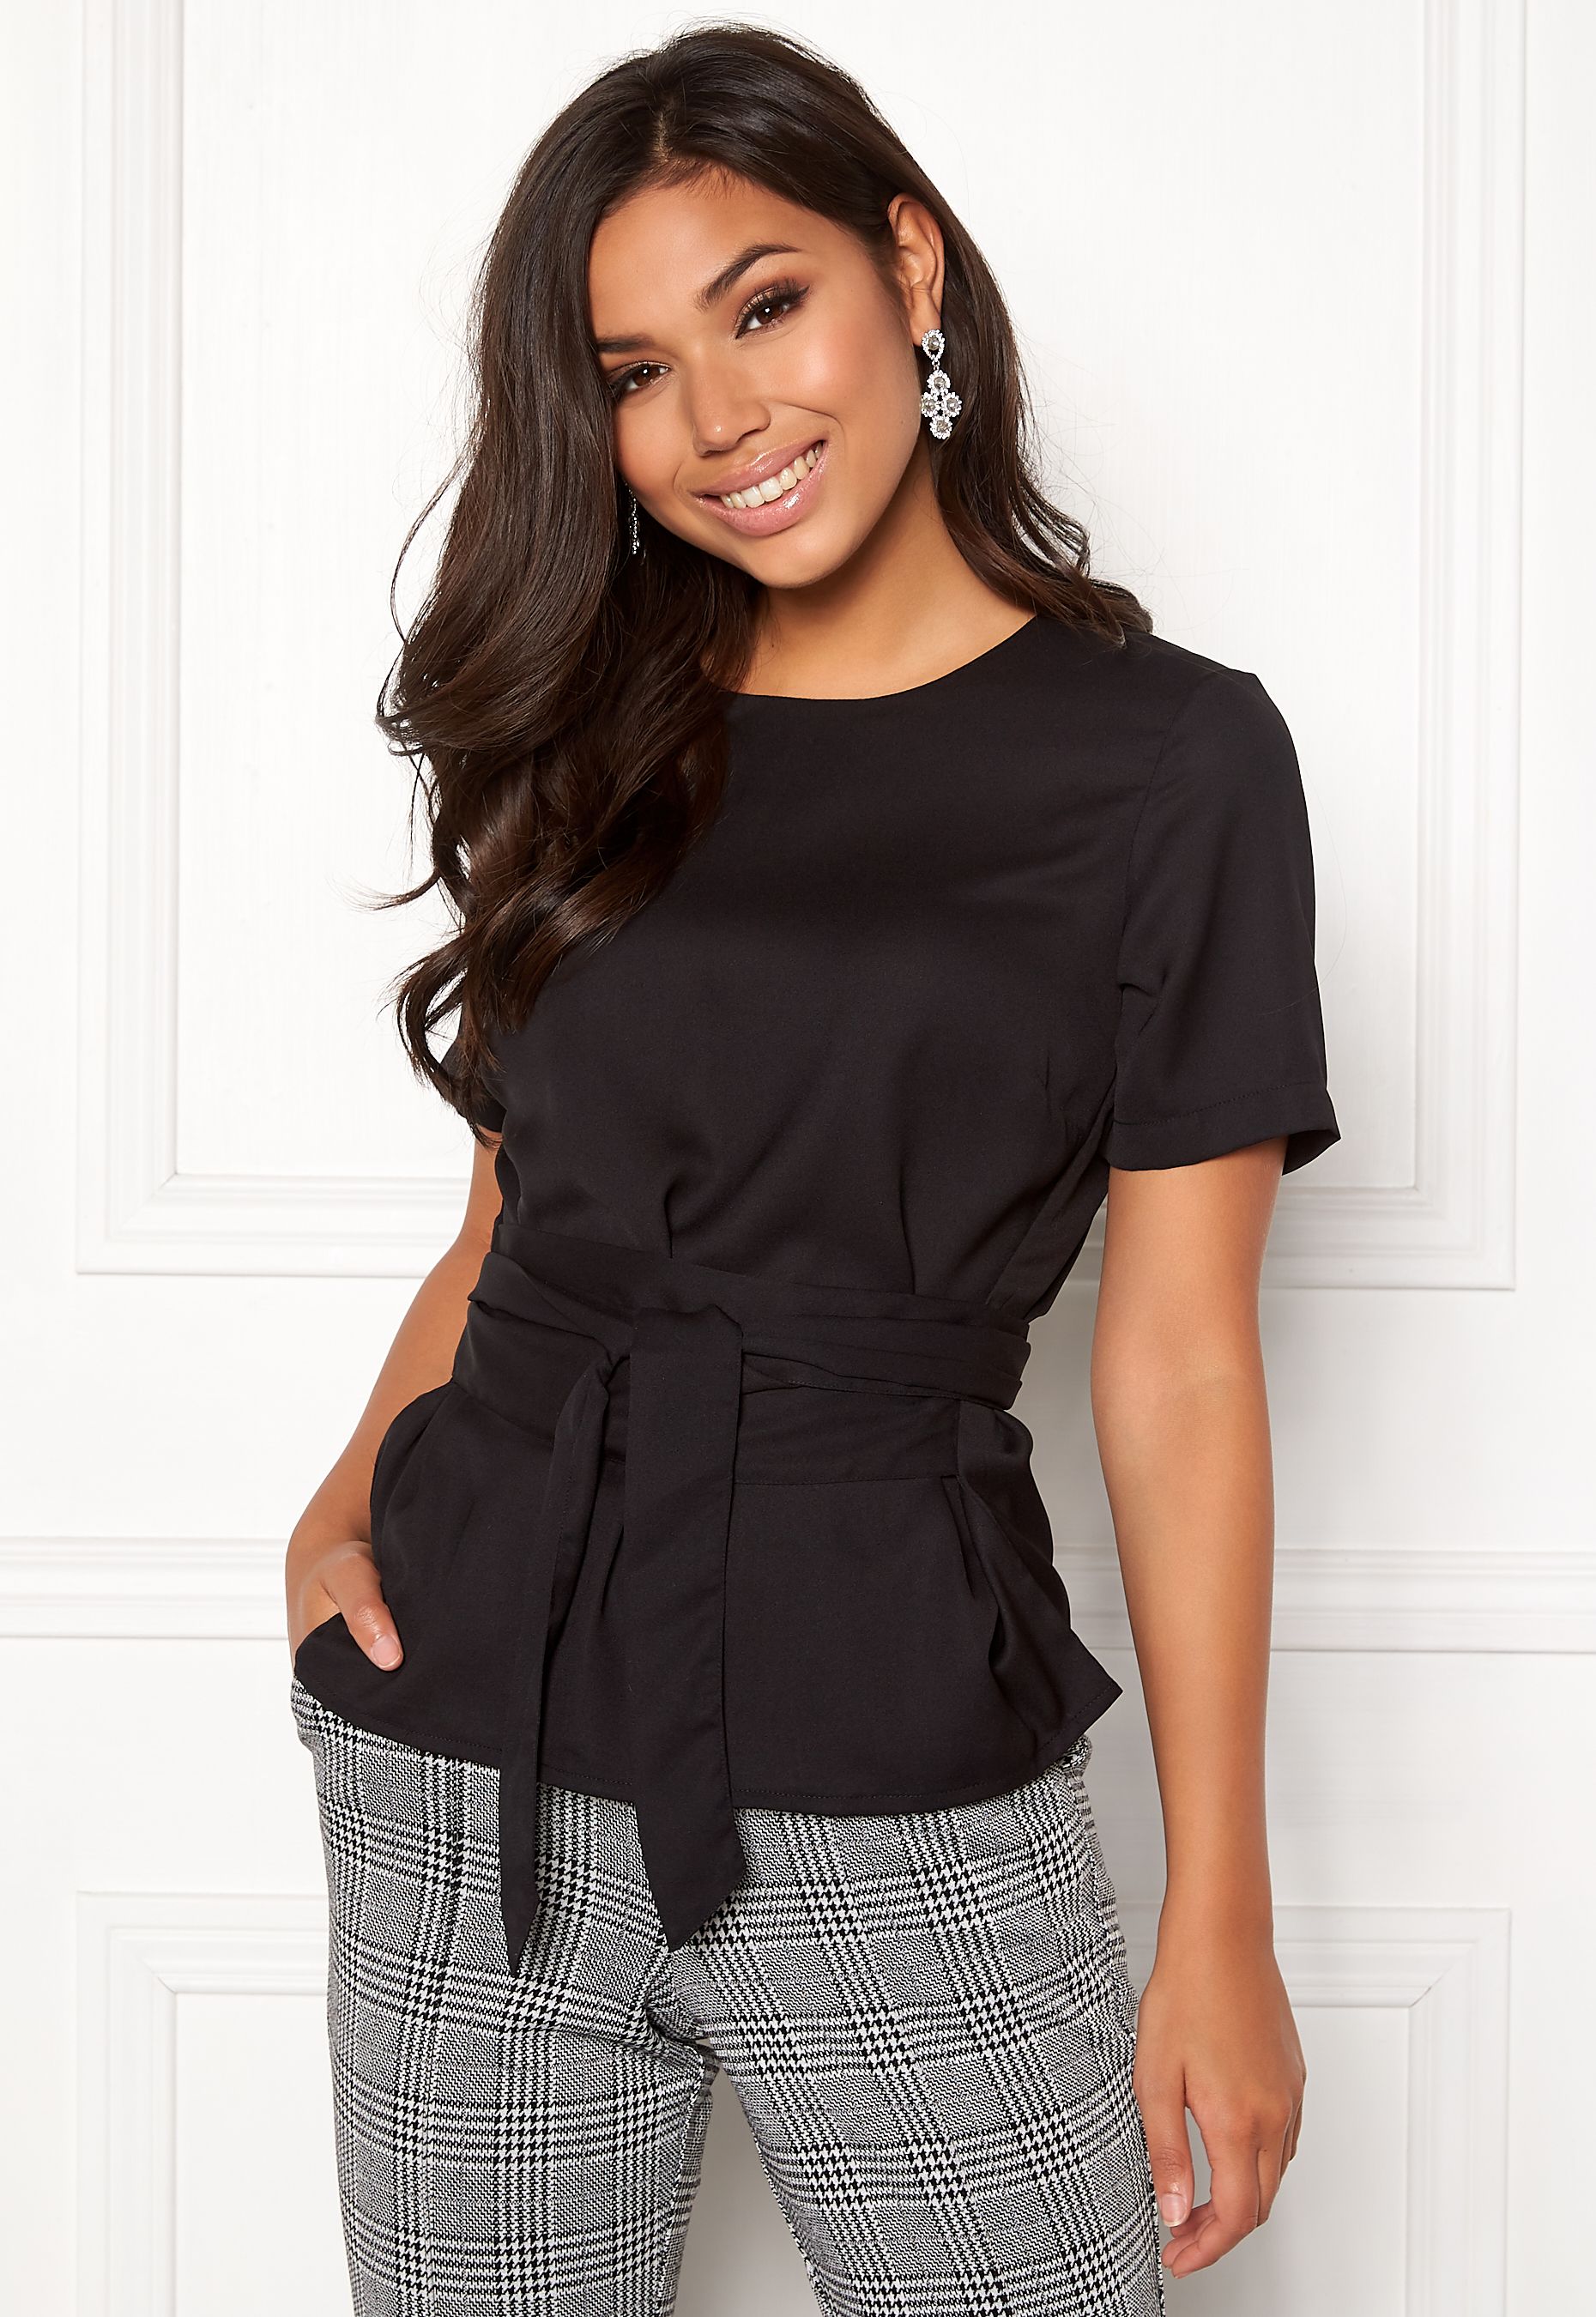 BUBBLEROOM Maddie tie blouse Black - Bubbleroom 13e145099b714